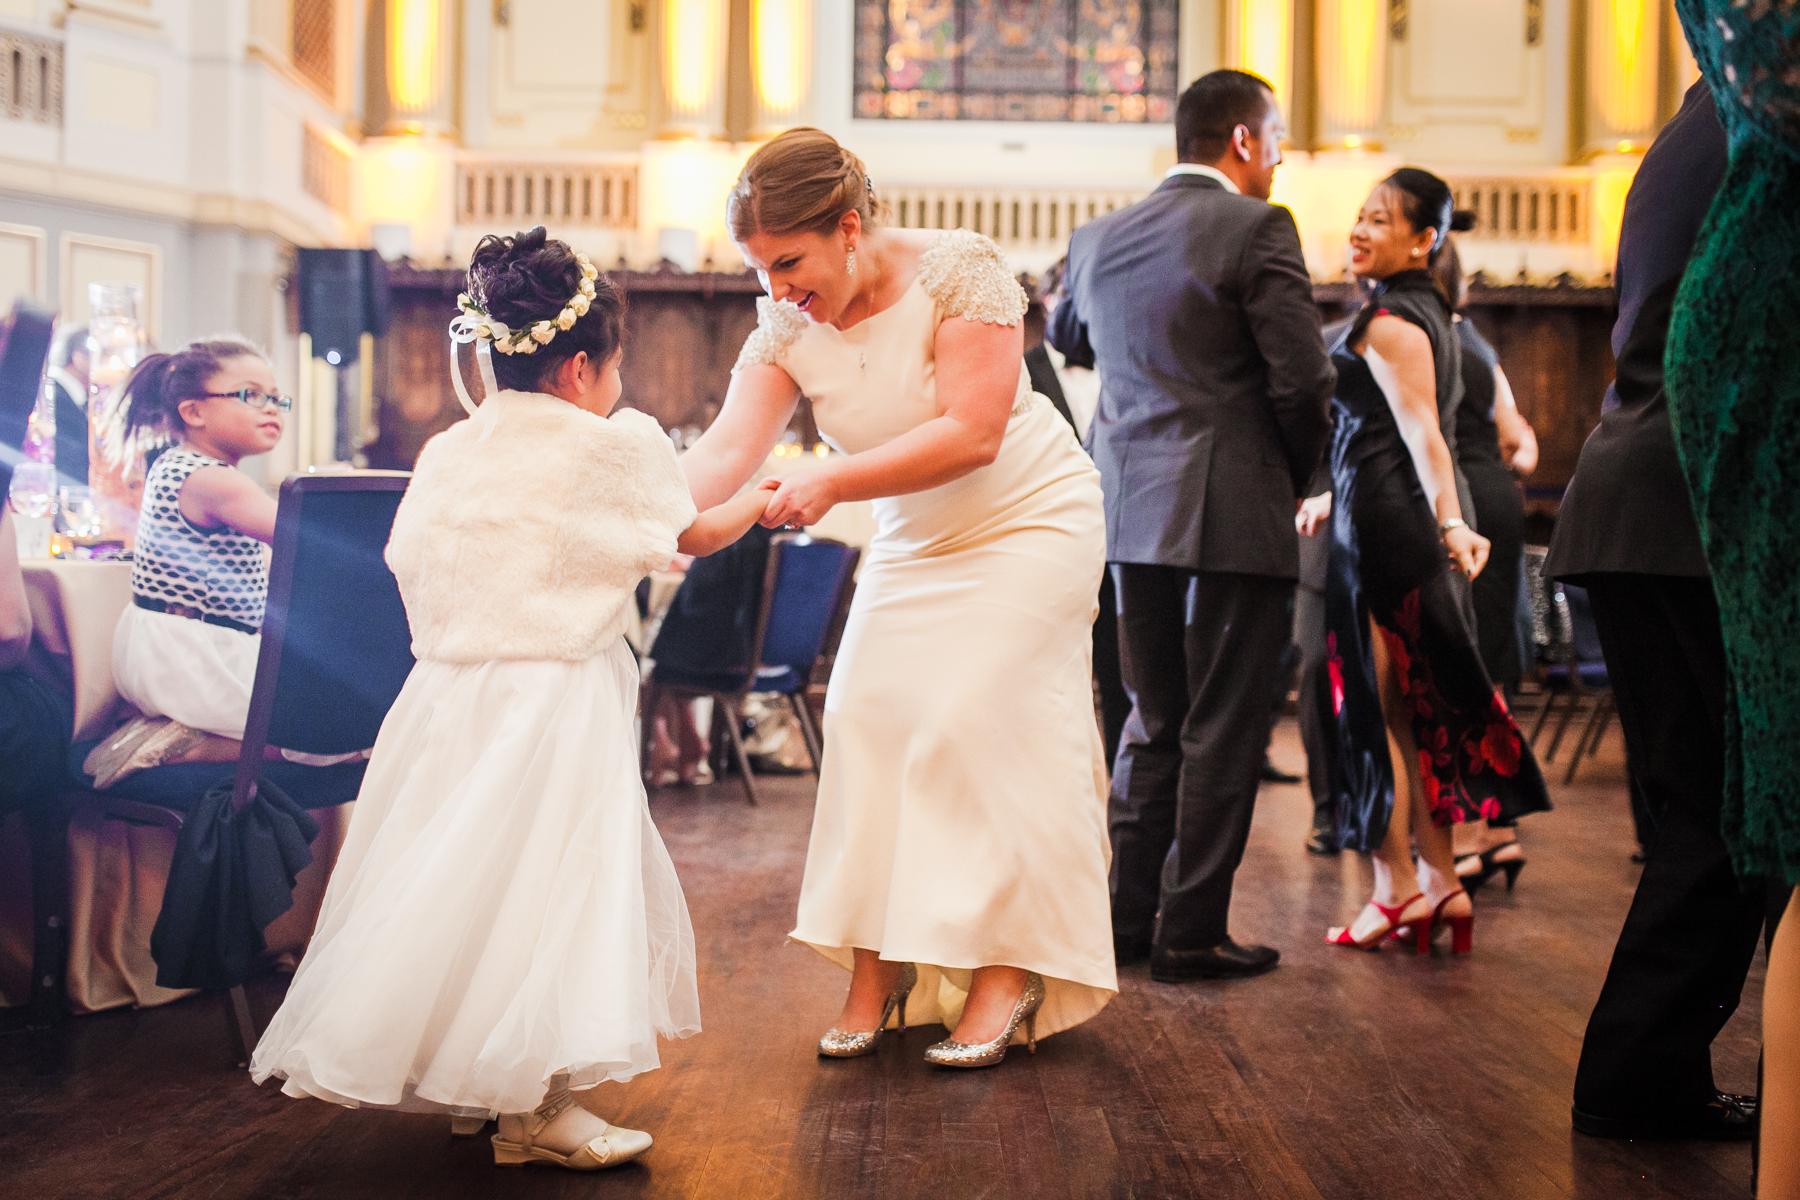 roaring-twenties-wedding-at-the-murphy-audiotorium-driehaus-museum-oriana-koren-9392.jpg